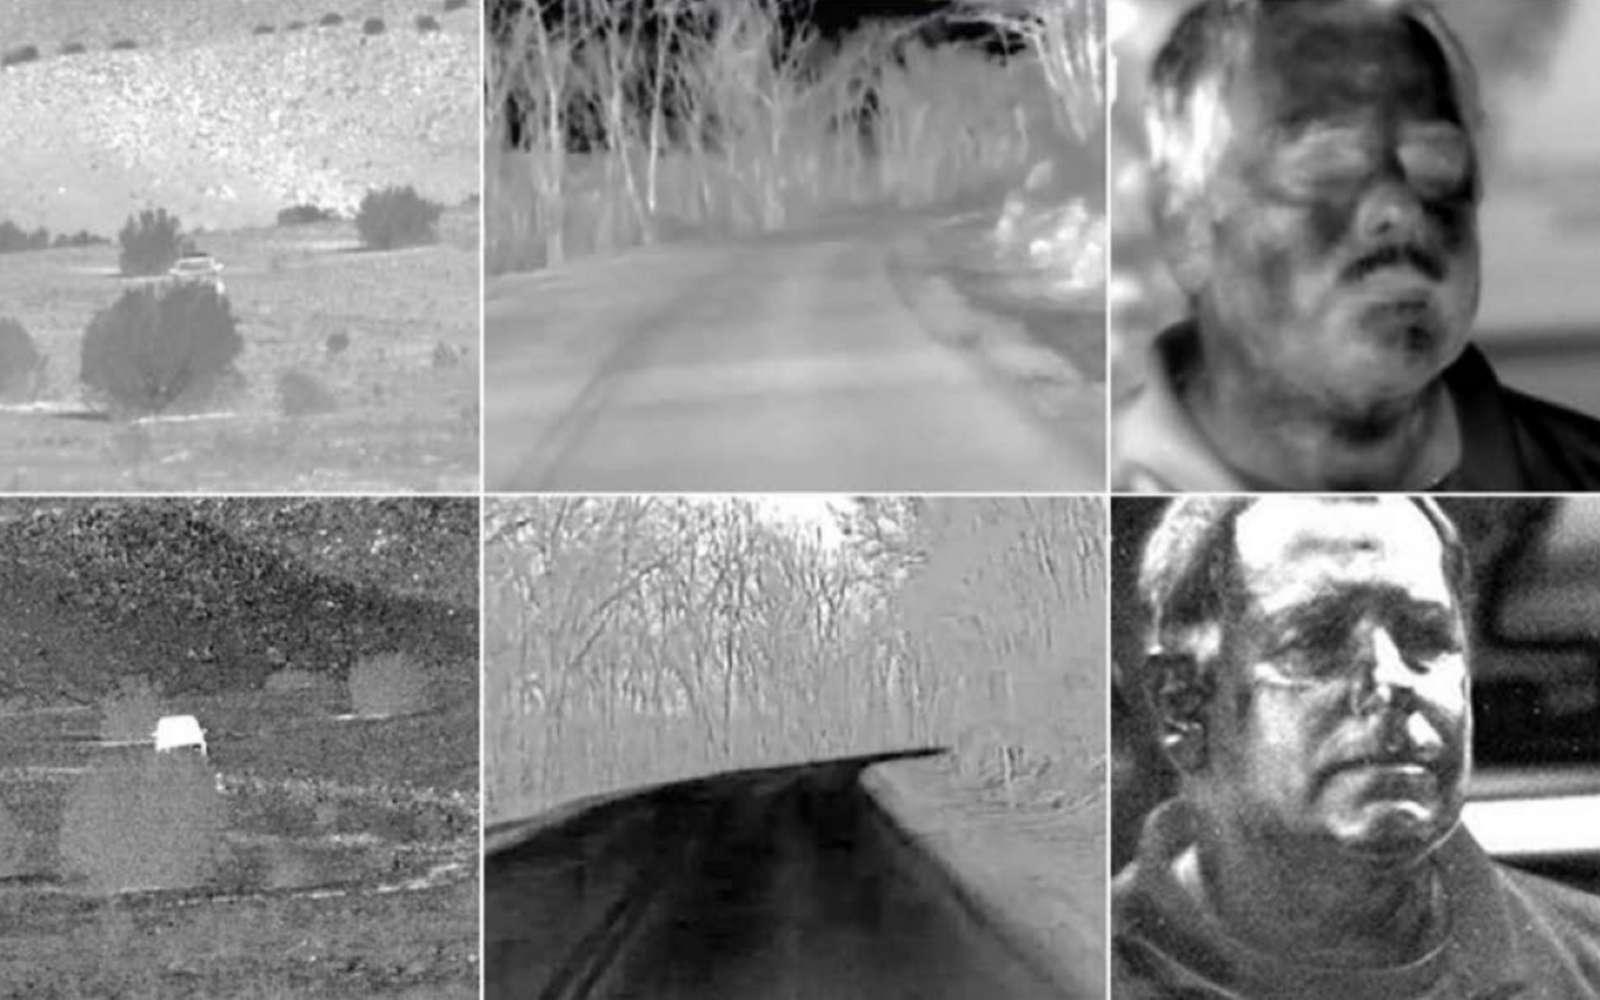 En utilisant une caméra thermique, la reconnaissance faciale peut être réalisée de nuit et à une très longue distance. © Polaris